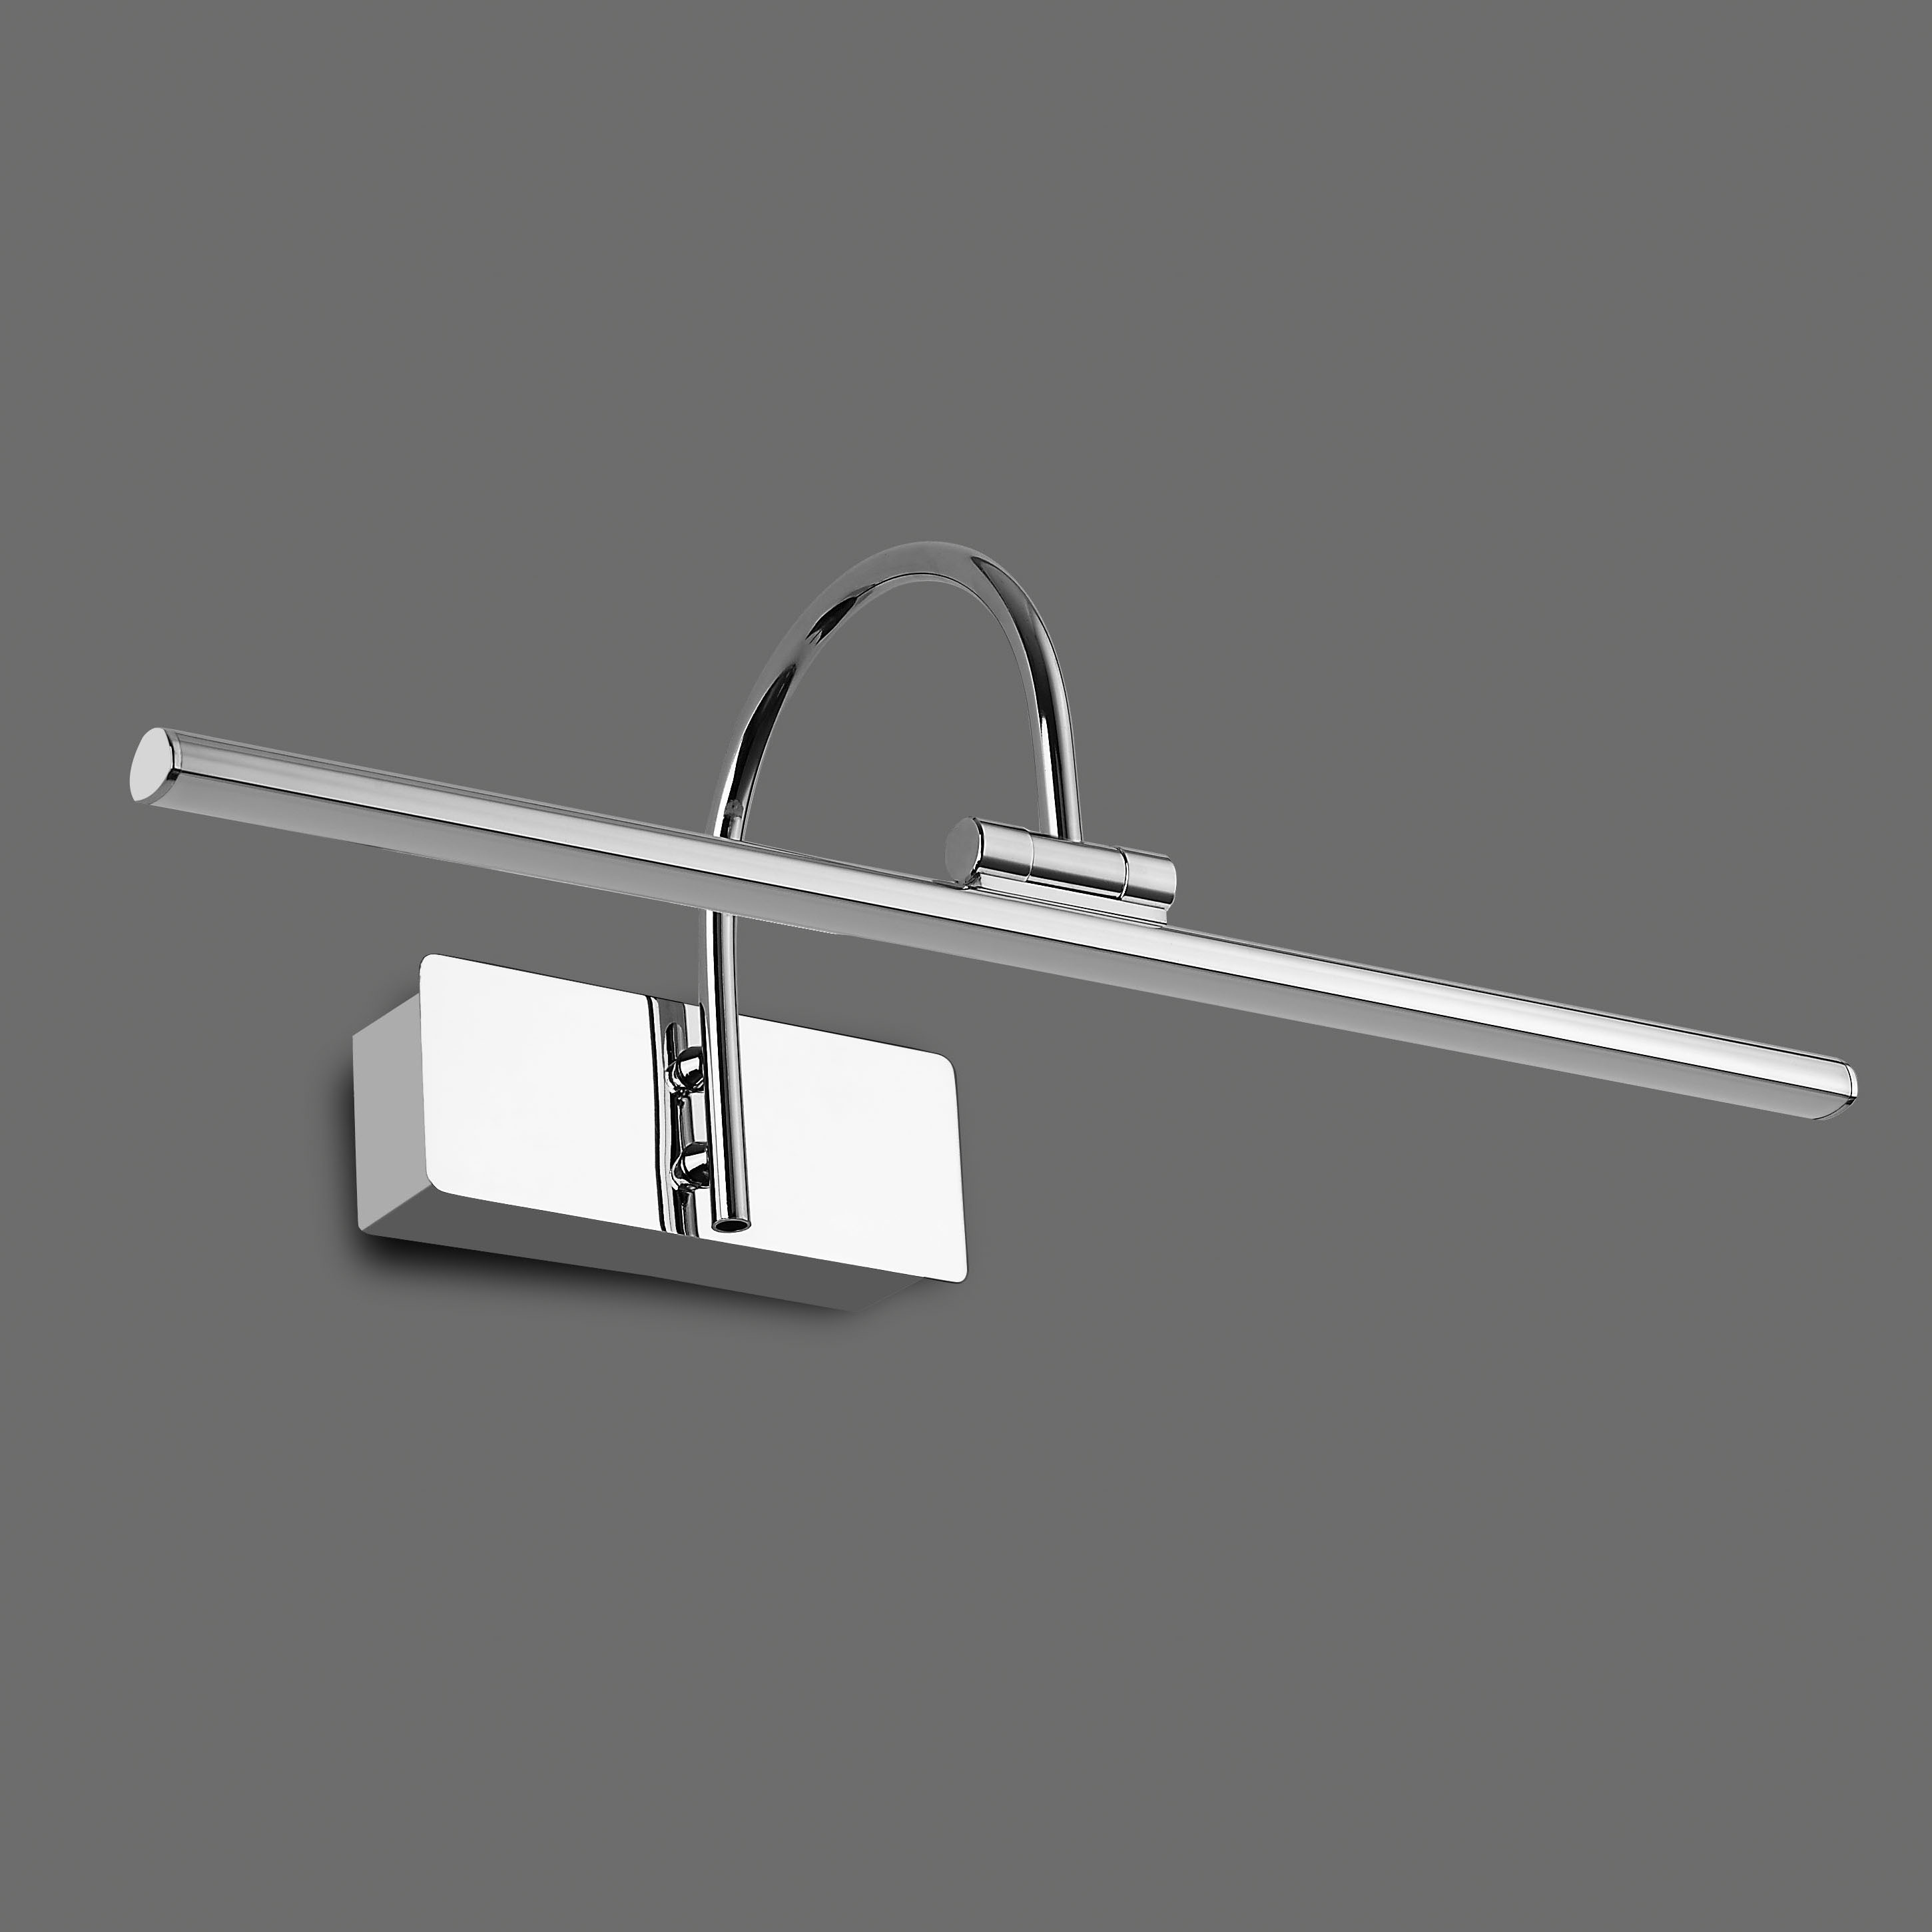 Настенный светильник для подсветки картин Mantra Paracuru 6381, хром, металл, пластик - фото 2